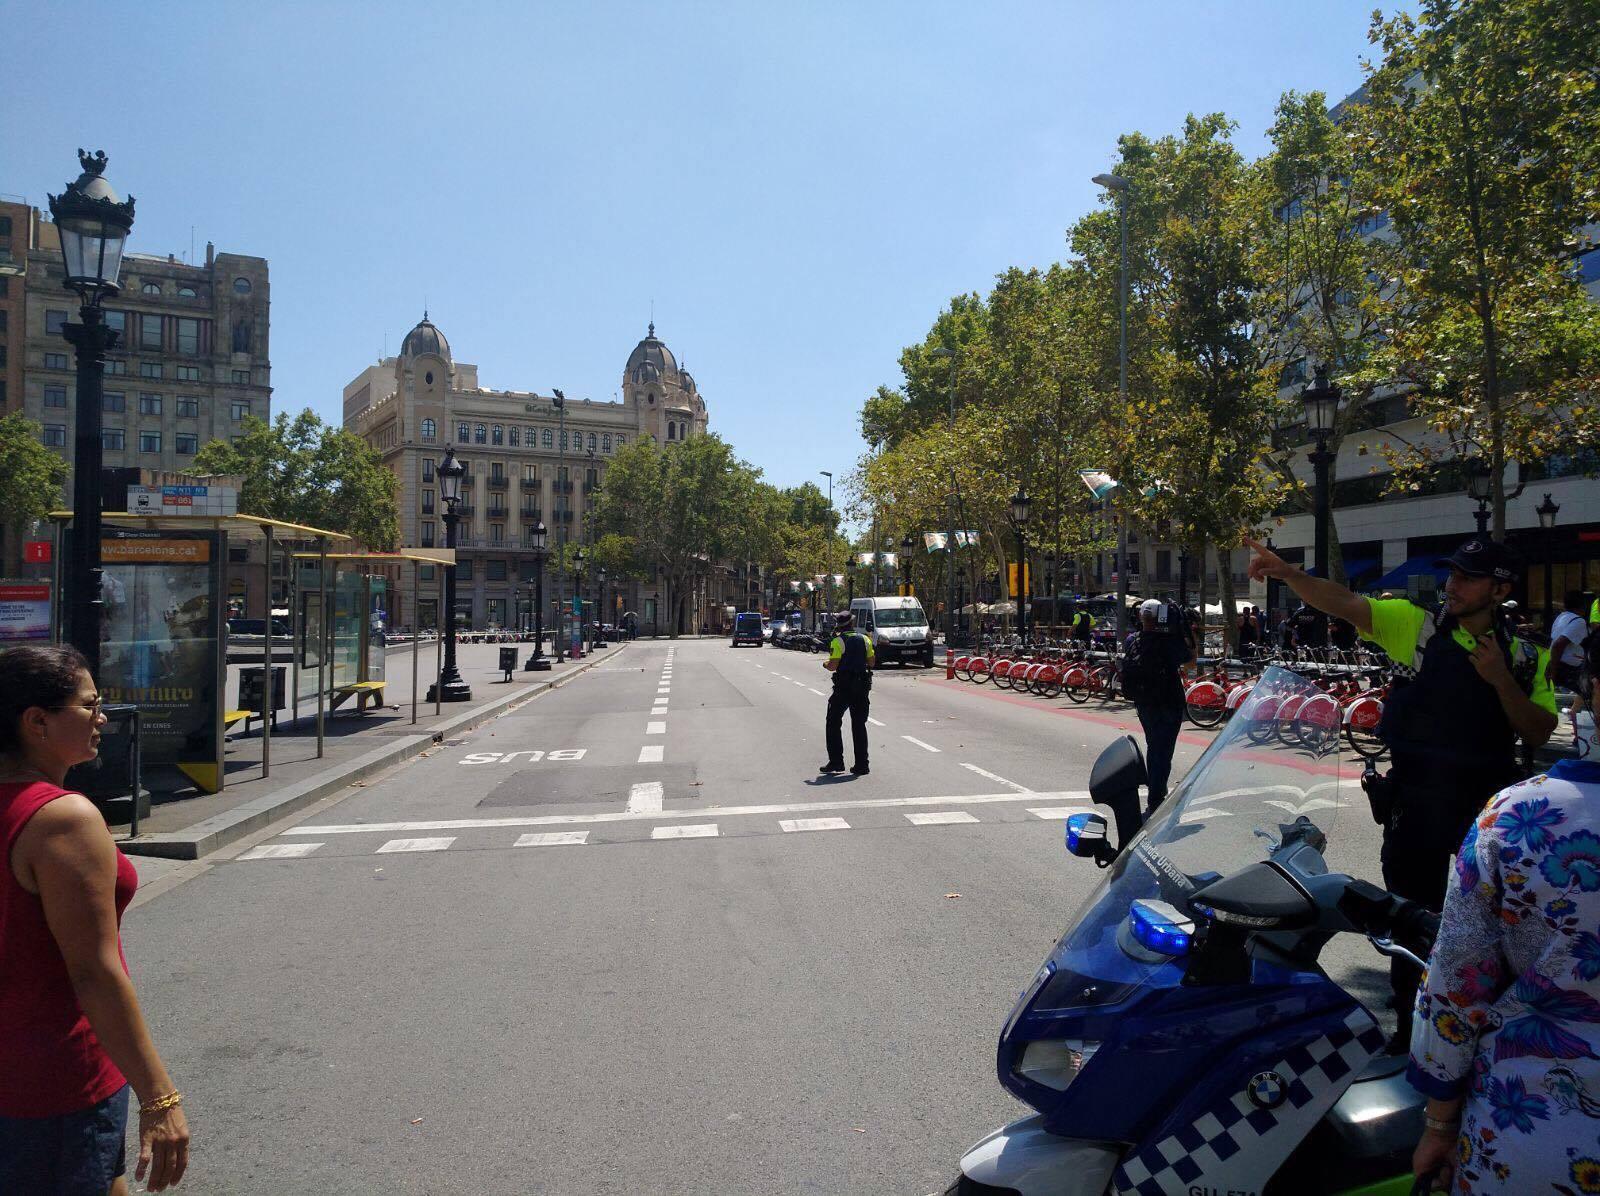 Barcelona: Polícia evacua parte da zona das Ramblas. Situação normalizada